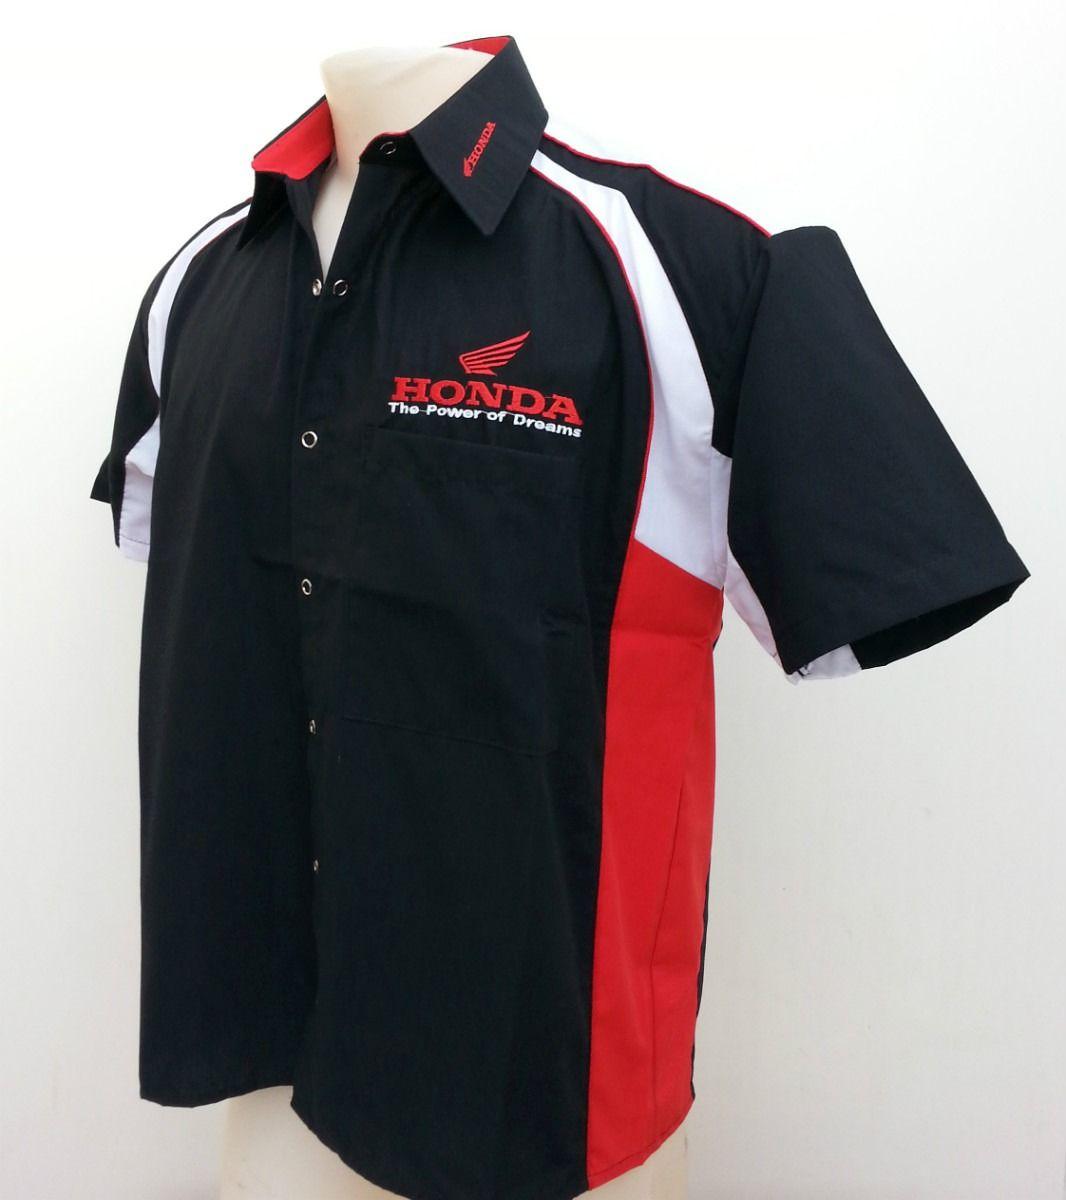 Camisa tipo racing bordada  a11606edbc0ec